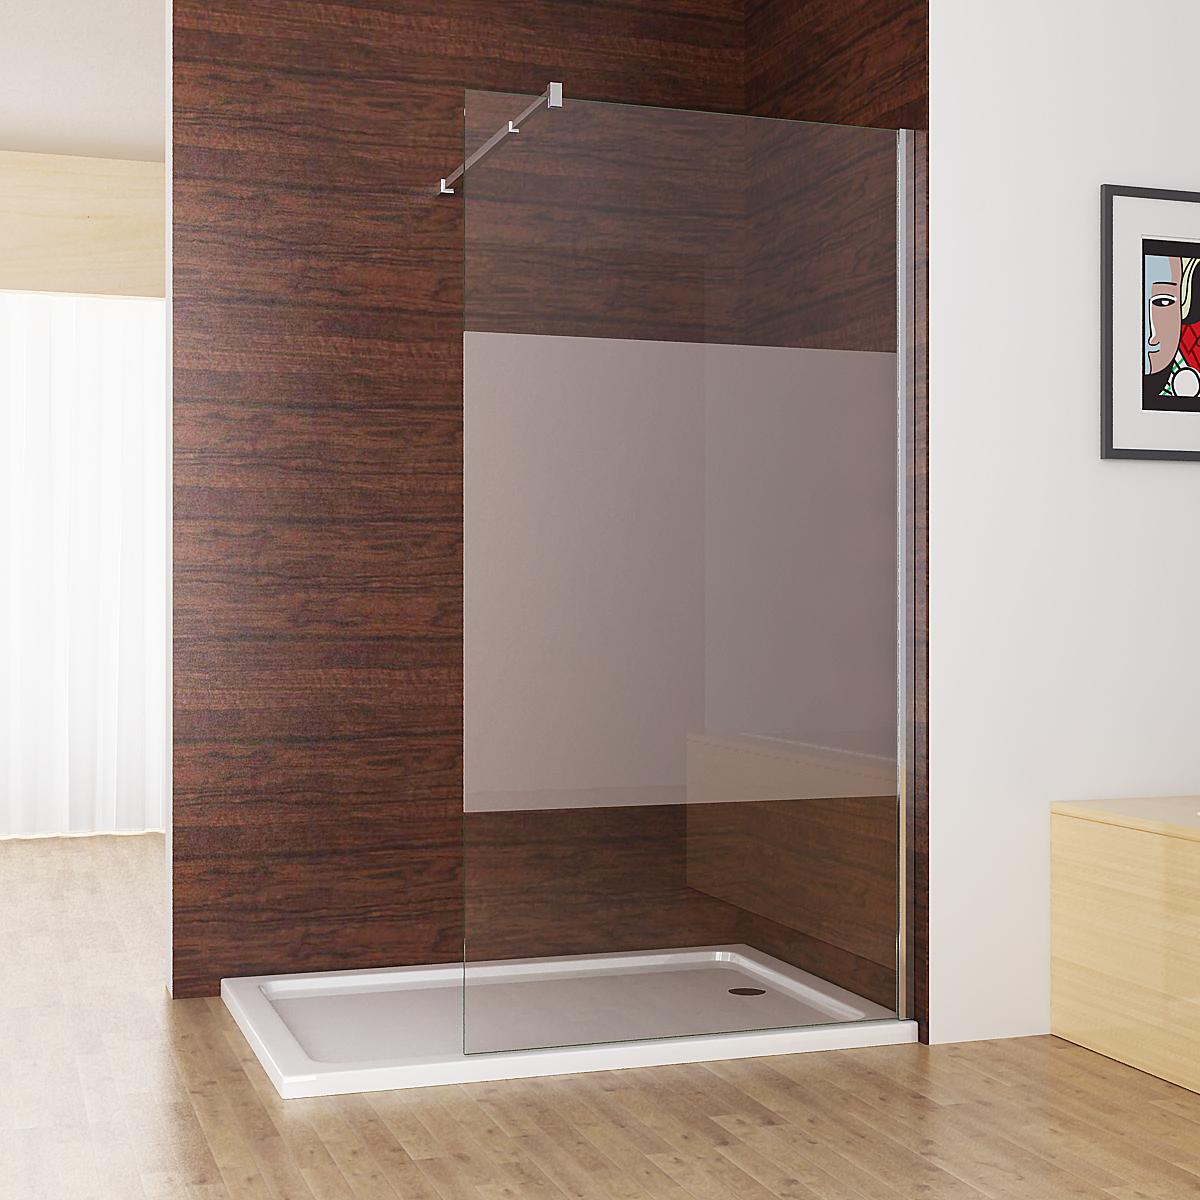 Full Size of Walk In Dusche Duschabtrennung Duschwand 10mm Nano Teilsatin Glas Bodengleiche Nachträglich Einbauen Fliesen Für Komplett Set Unterputz Begehbare Pendeltür Dusche Glaswand Dusche